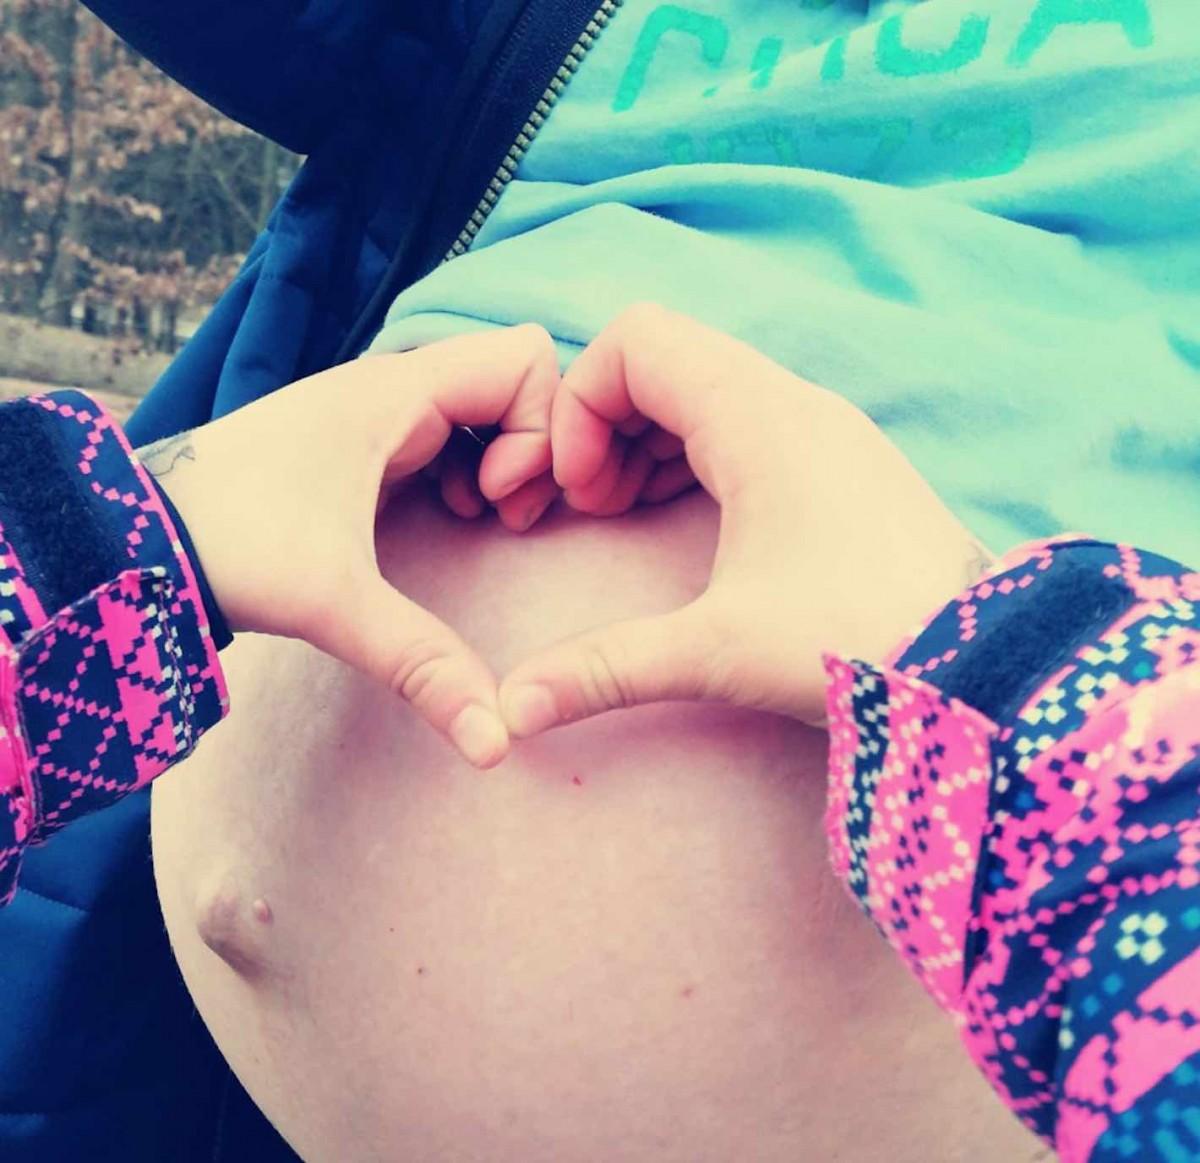 Geburt - Schangerschaftsbauch mit Herzchen